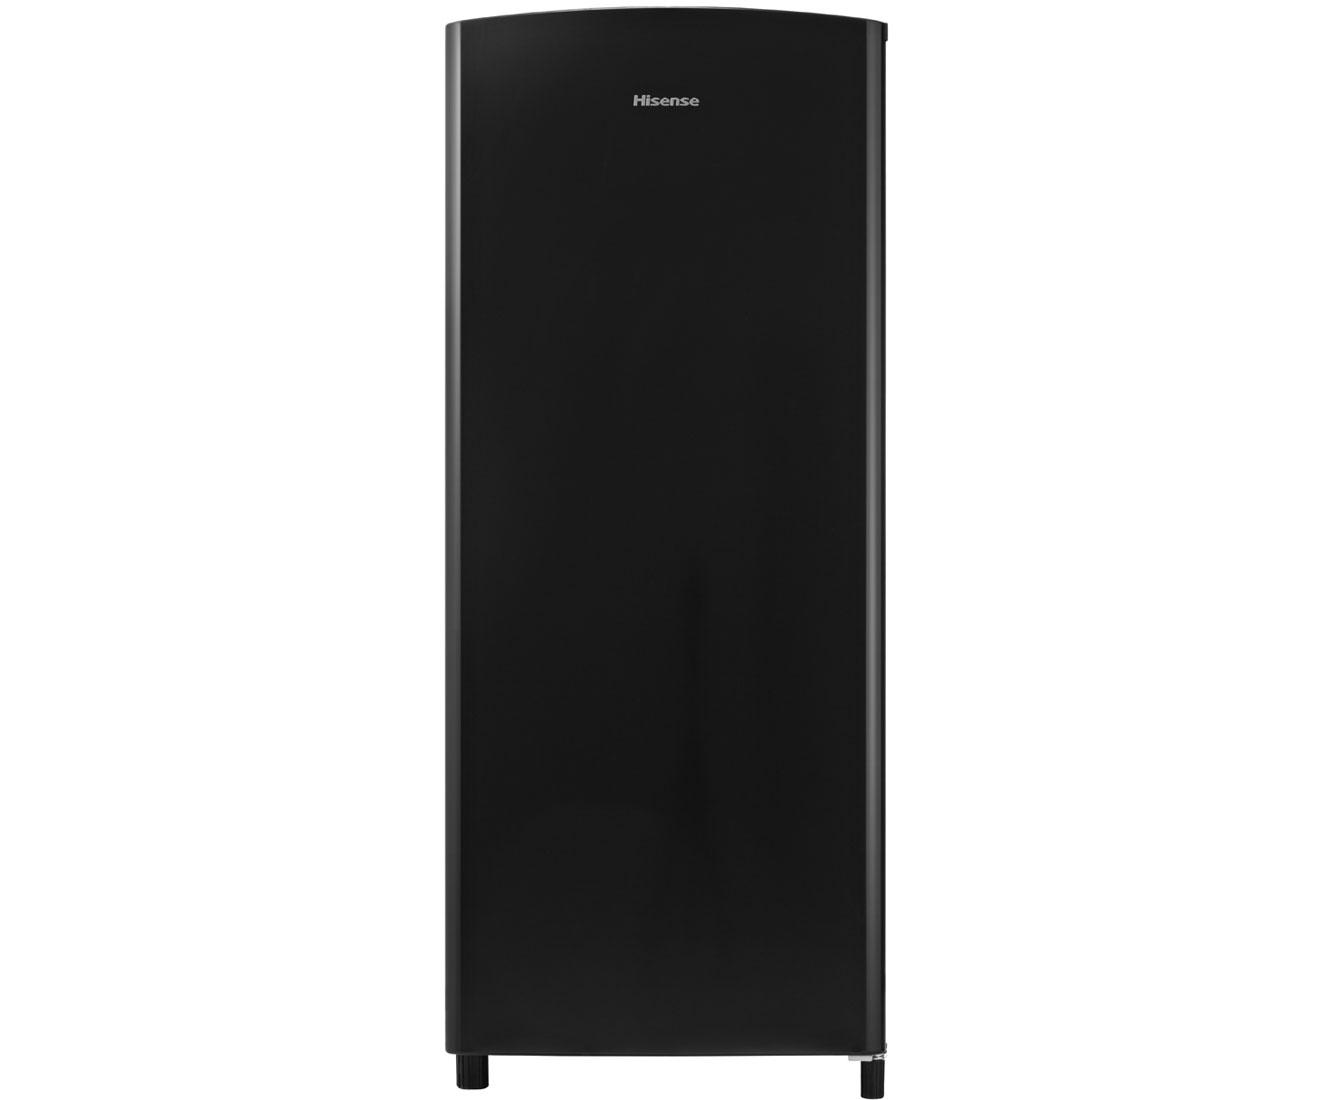 Kühlschrank Retro Schwarz : Hisense rr d ab kühlschrank mit gefrierfach schwarz retro